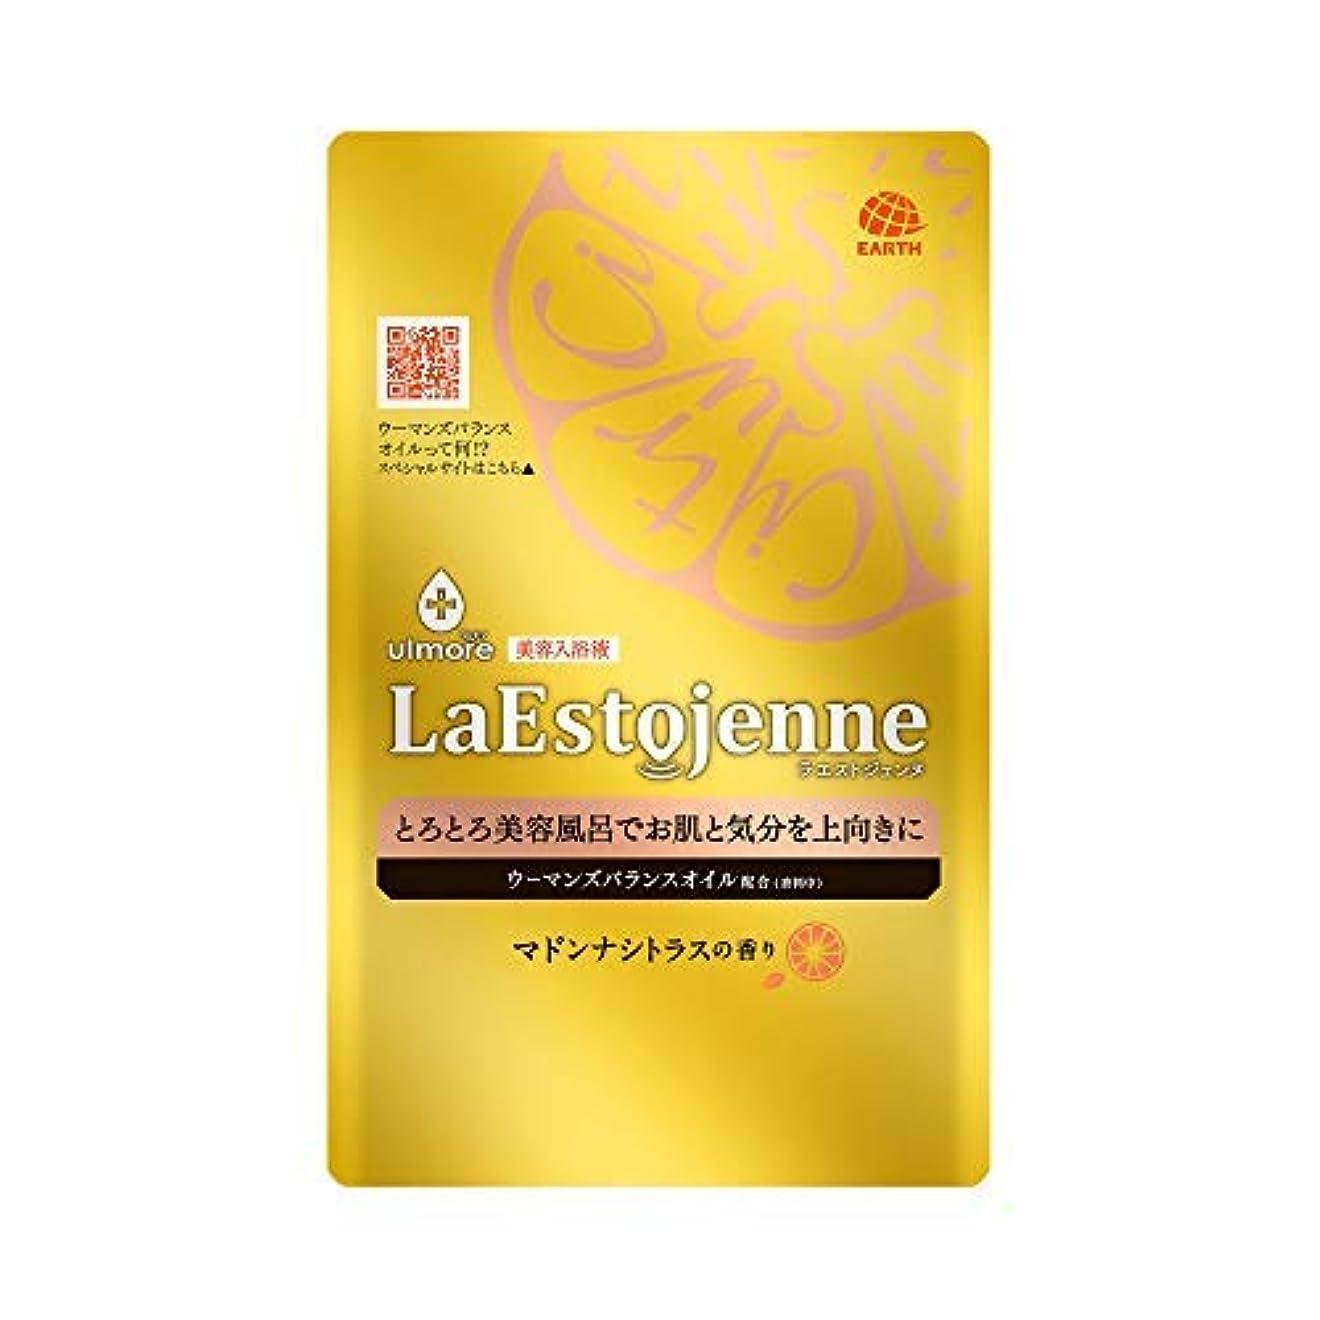 怠けたと参照ウルモア ラエストジェンヌ マドンナシトラスの香り 1包 × 8個セット